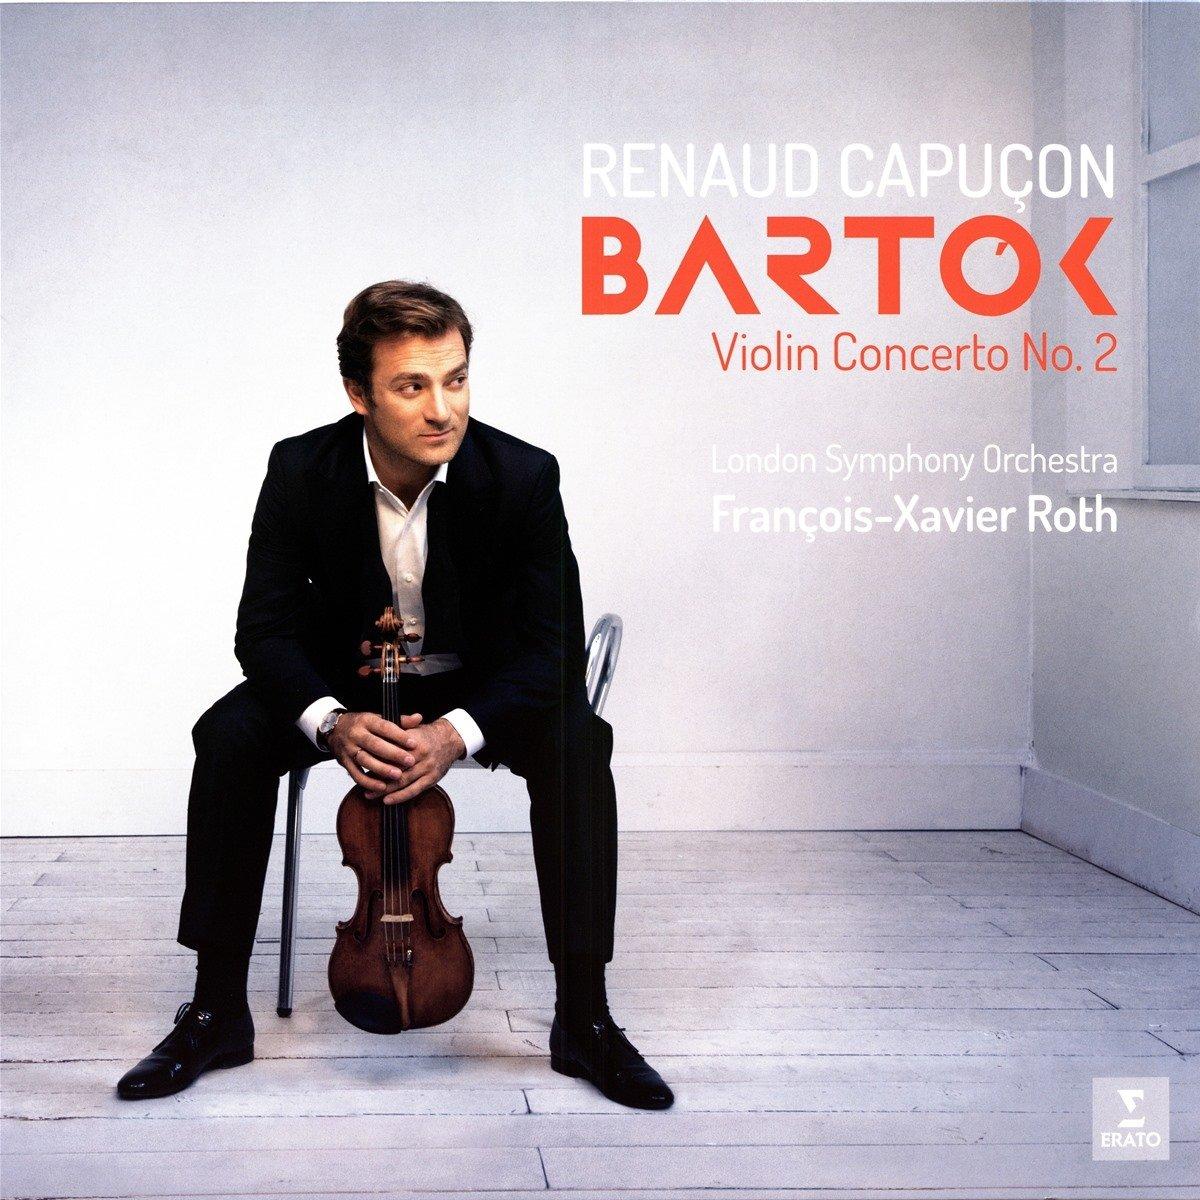 Vinilo : Renaud Capucon - Bartok: Violin Concertos Nos. 1 & 2 (LP Vinyl)